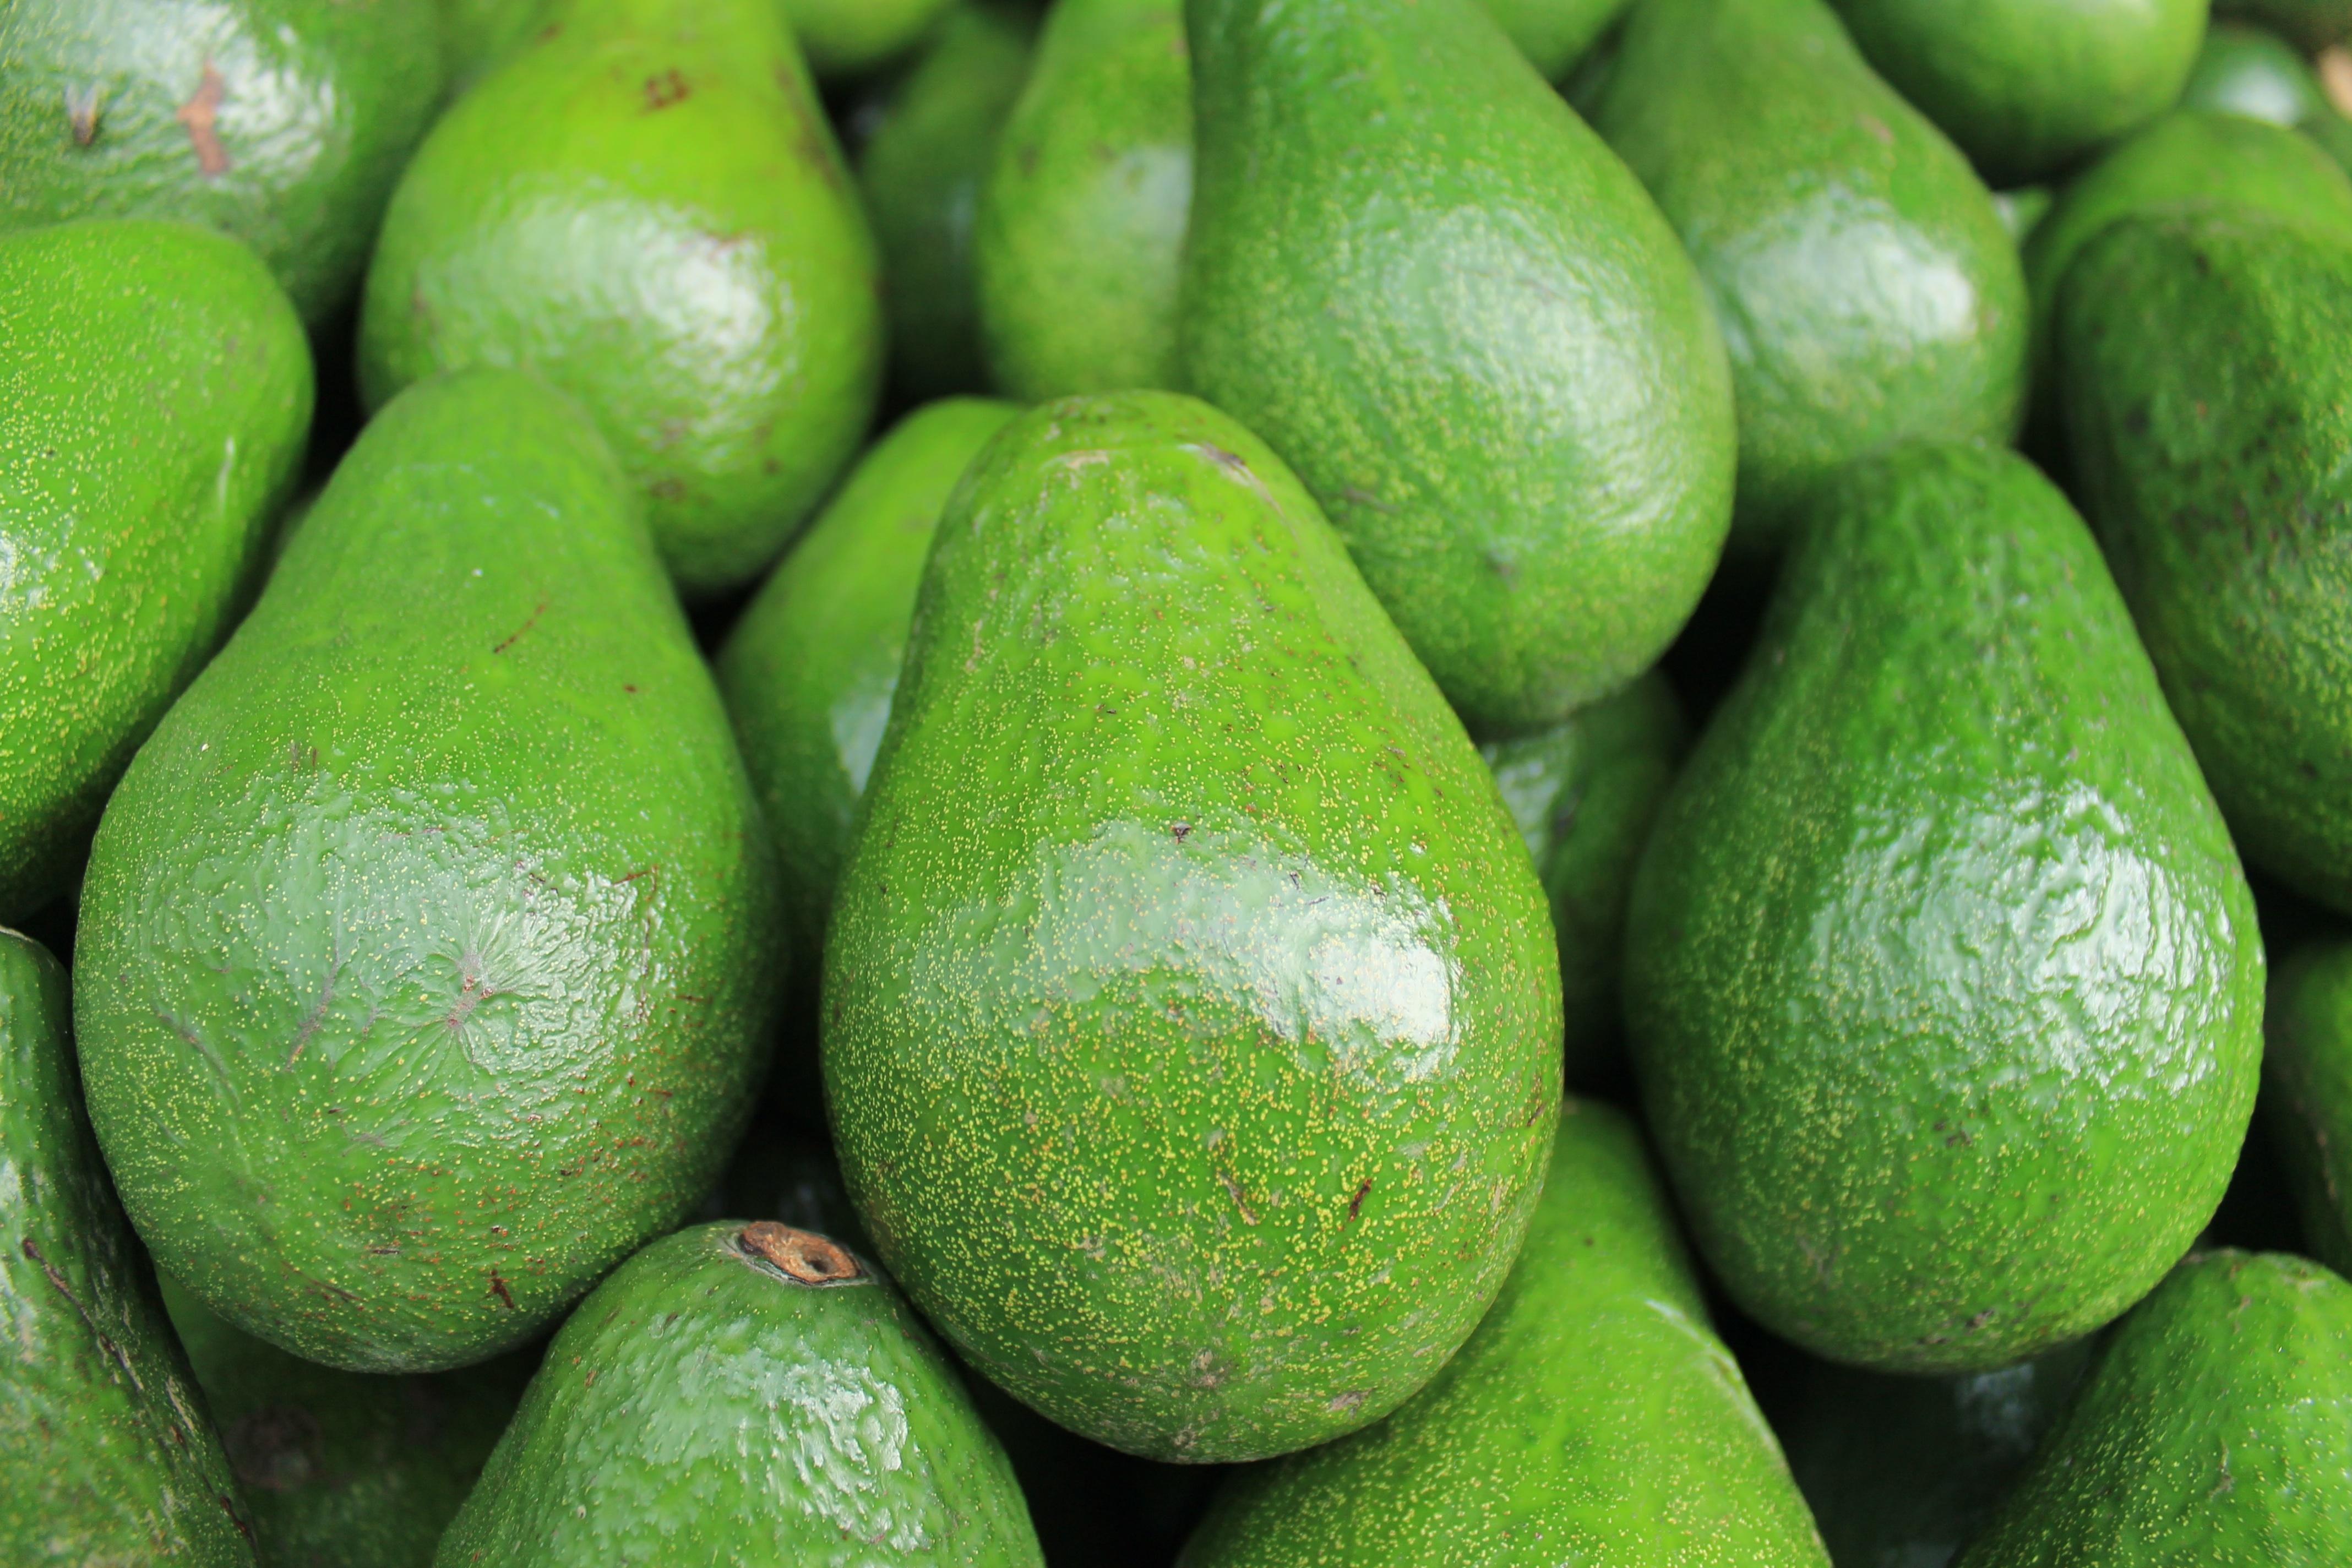 фрукты зеленые названия картинки тому же